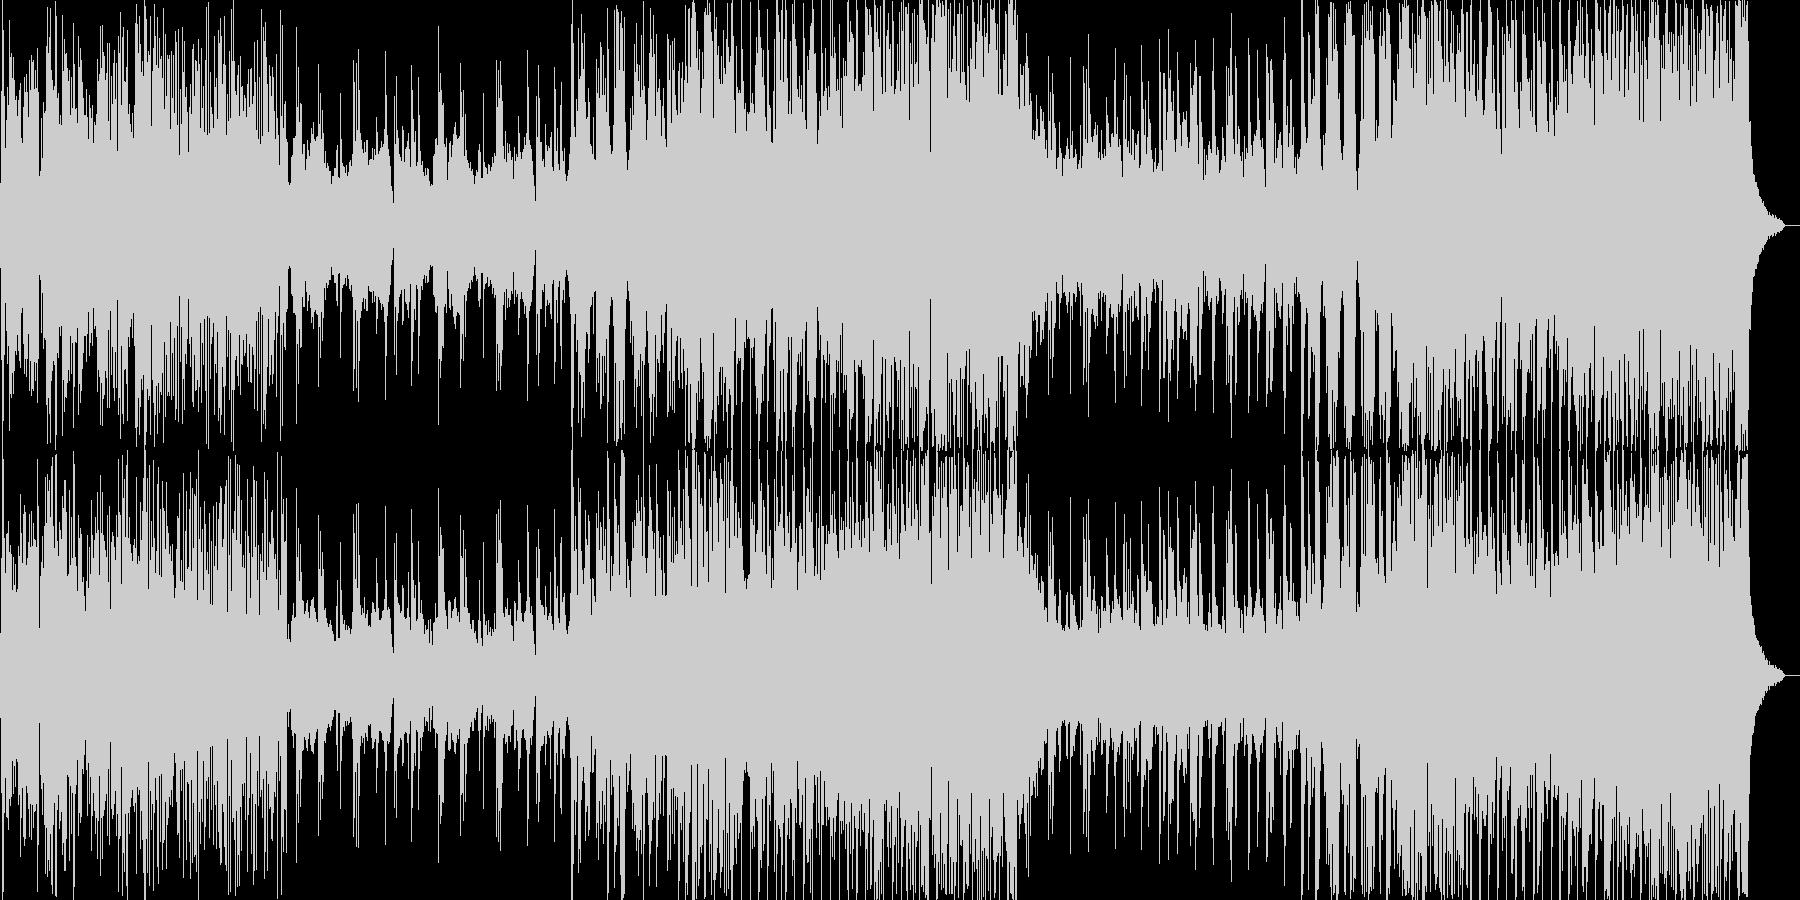 風舞う竹林を渡り行く様な和風エレクトロの未再生の波形